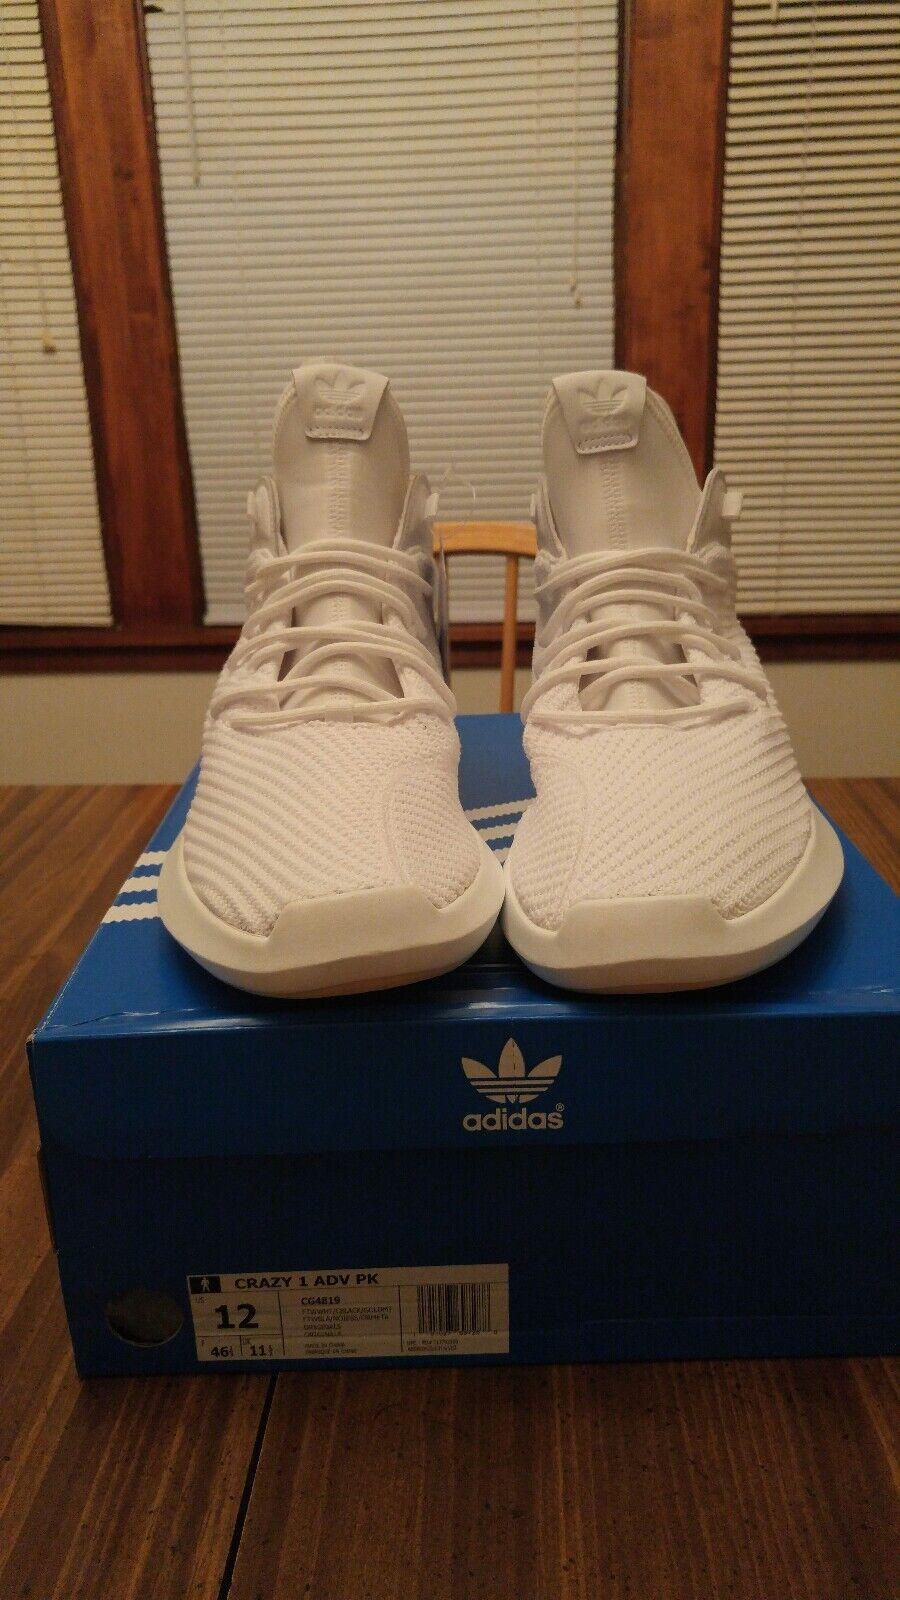 Adidas Originals Crazy 1 ADV PK Price reduction Comfortable